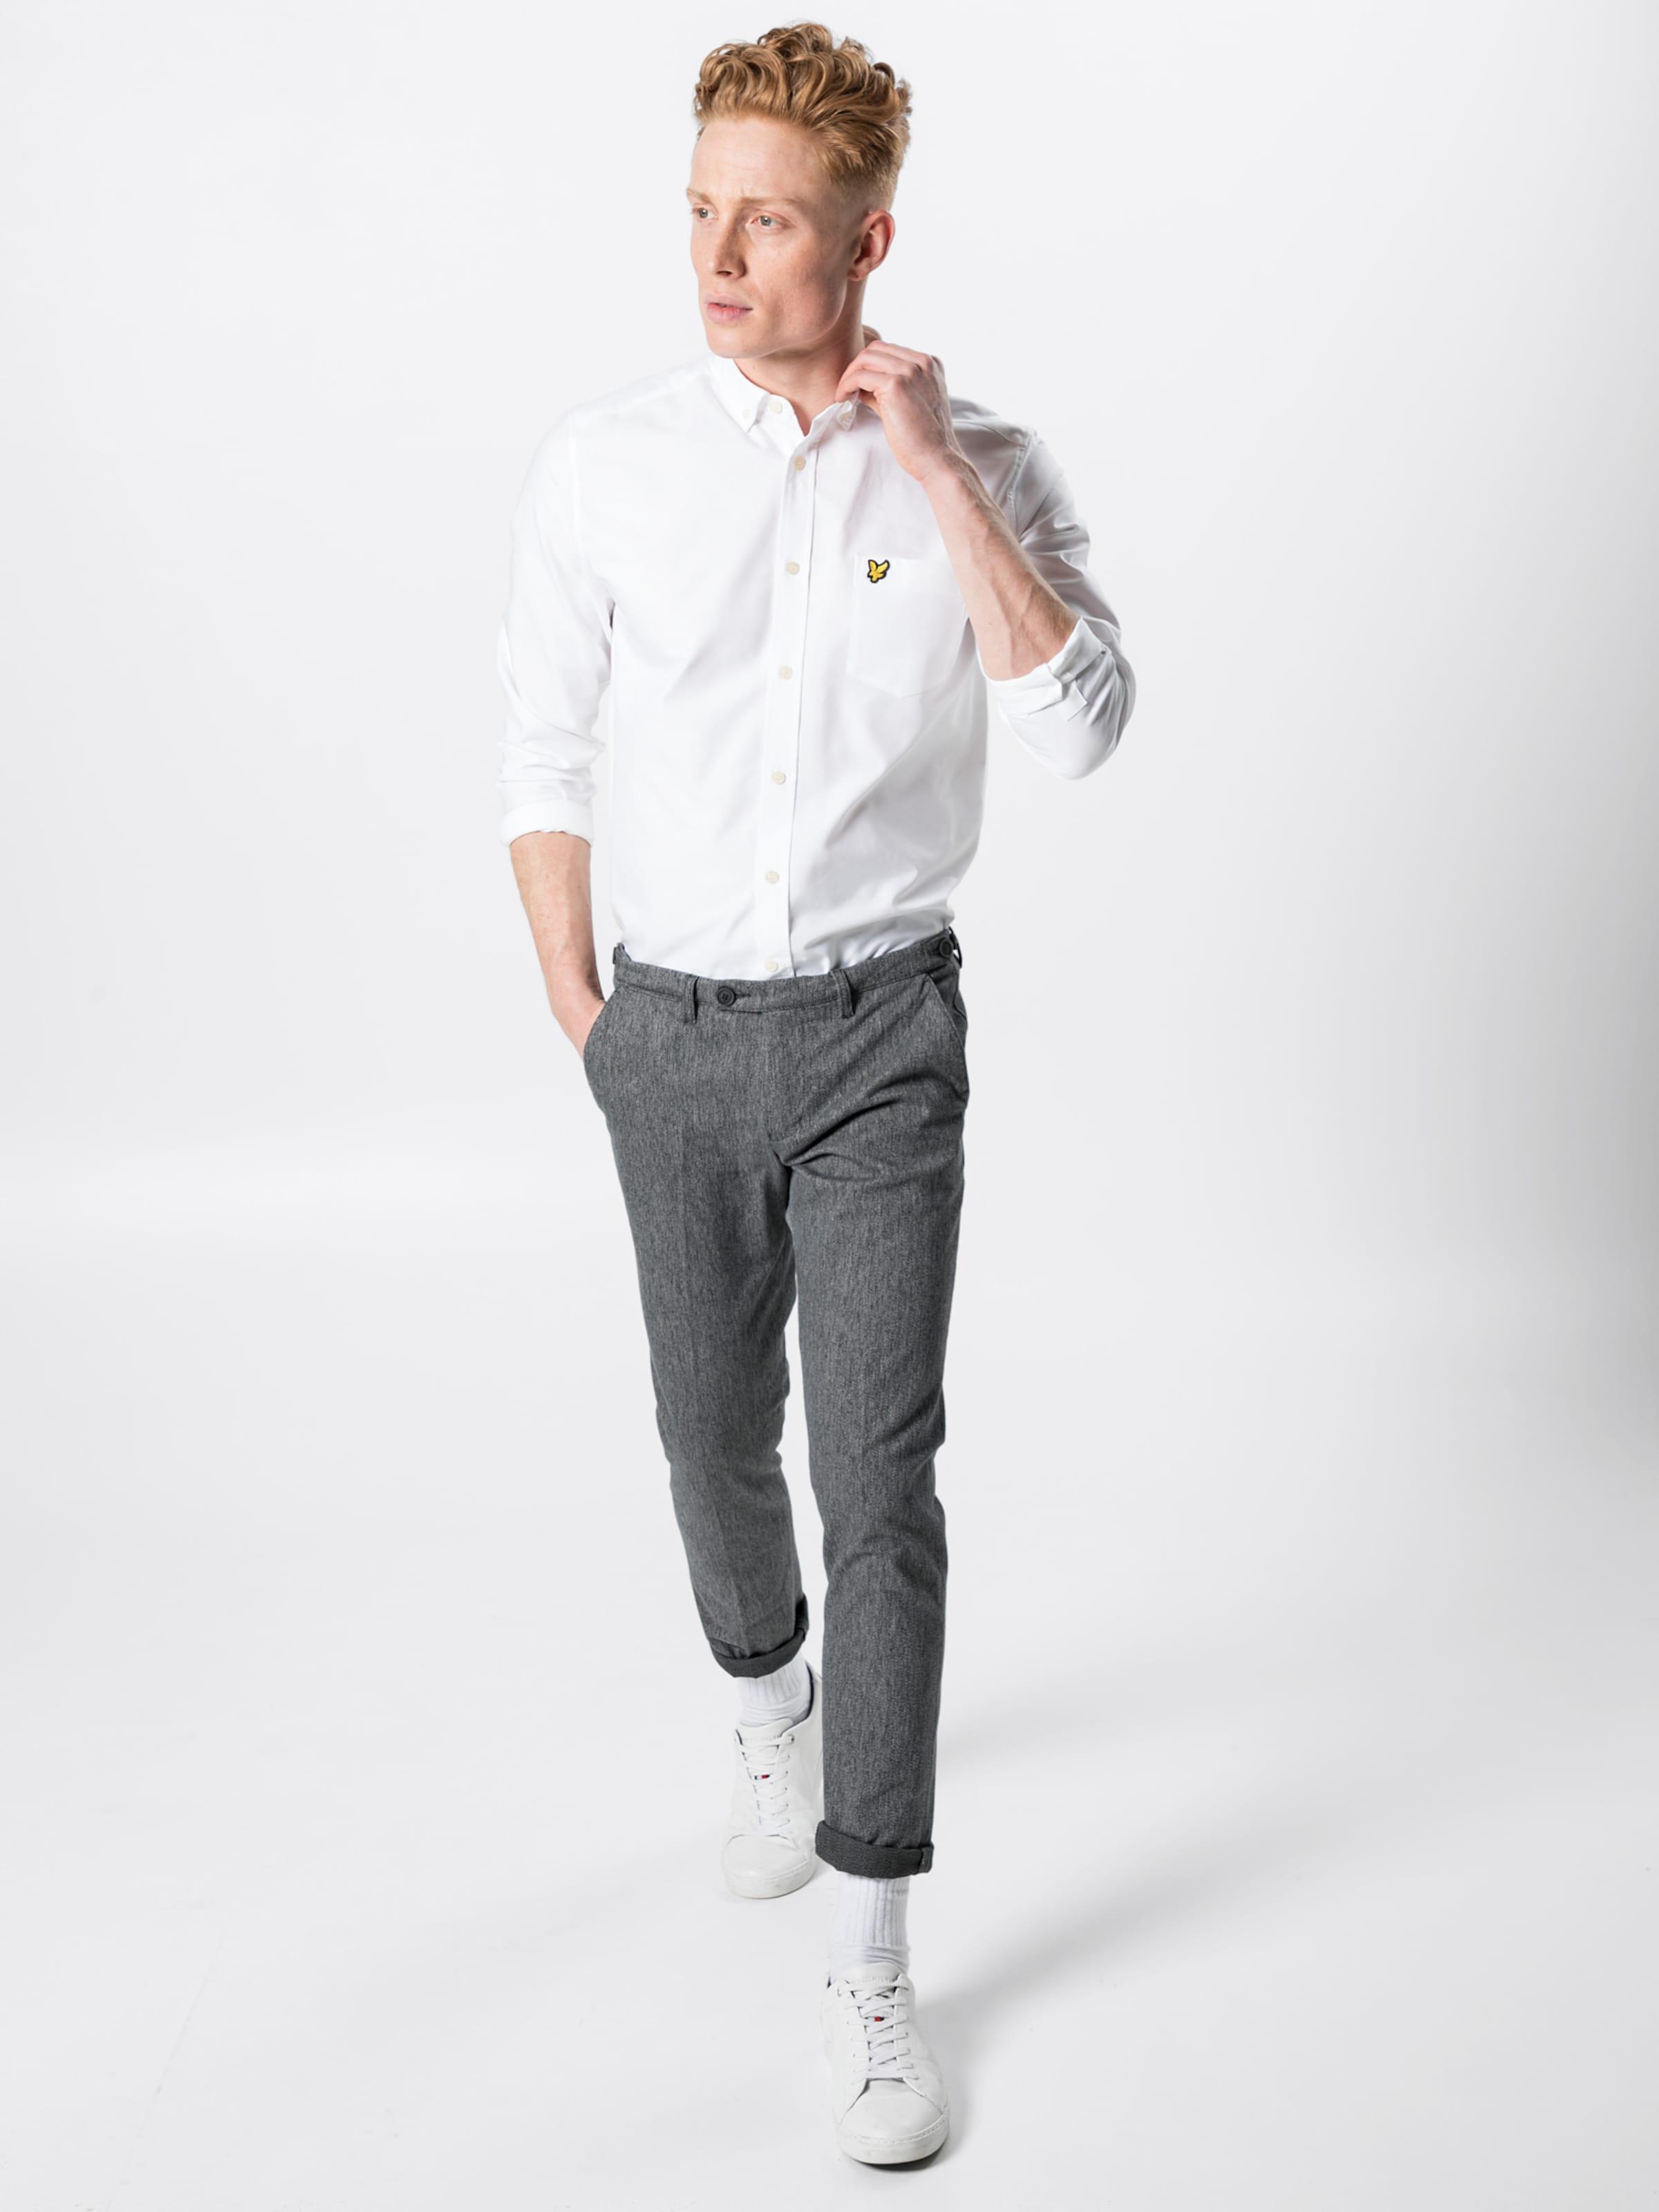 Weiß Scott Lyleamp; Shirt' In Hemd 'oxford Nm0w8nv